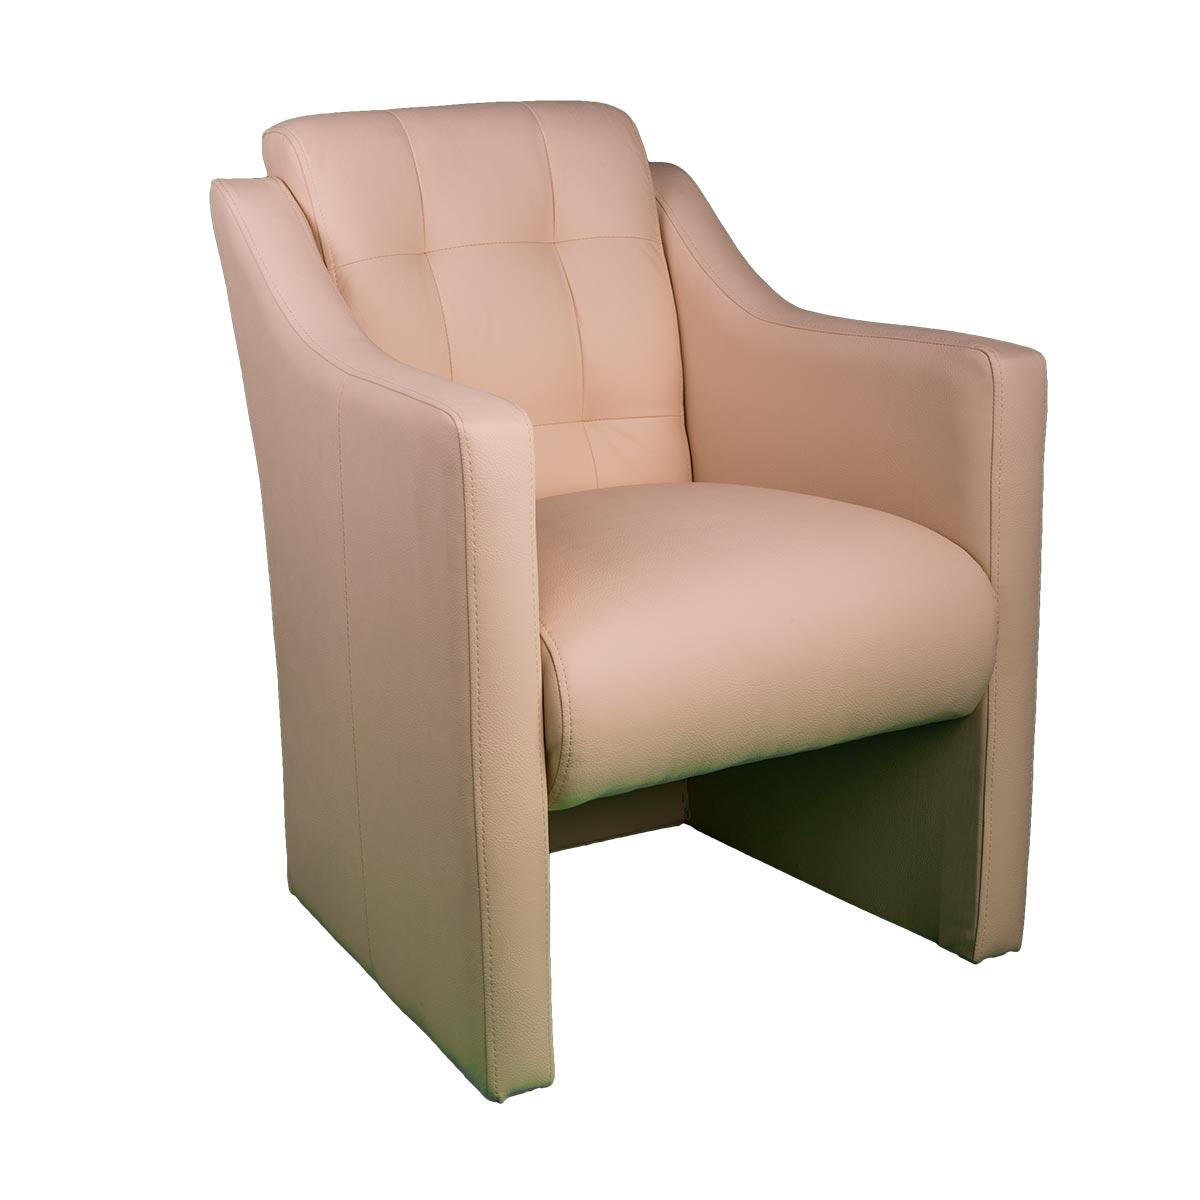 Taboo fotelja - Detal nameštaj